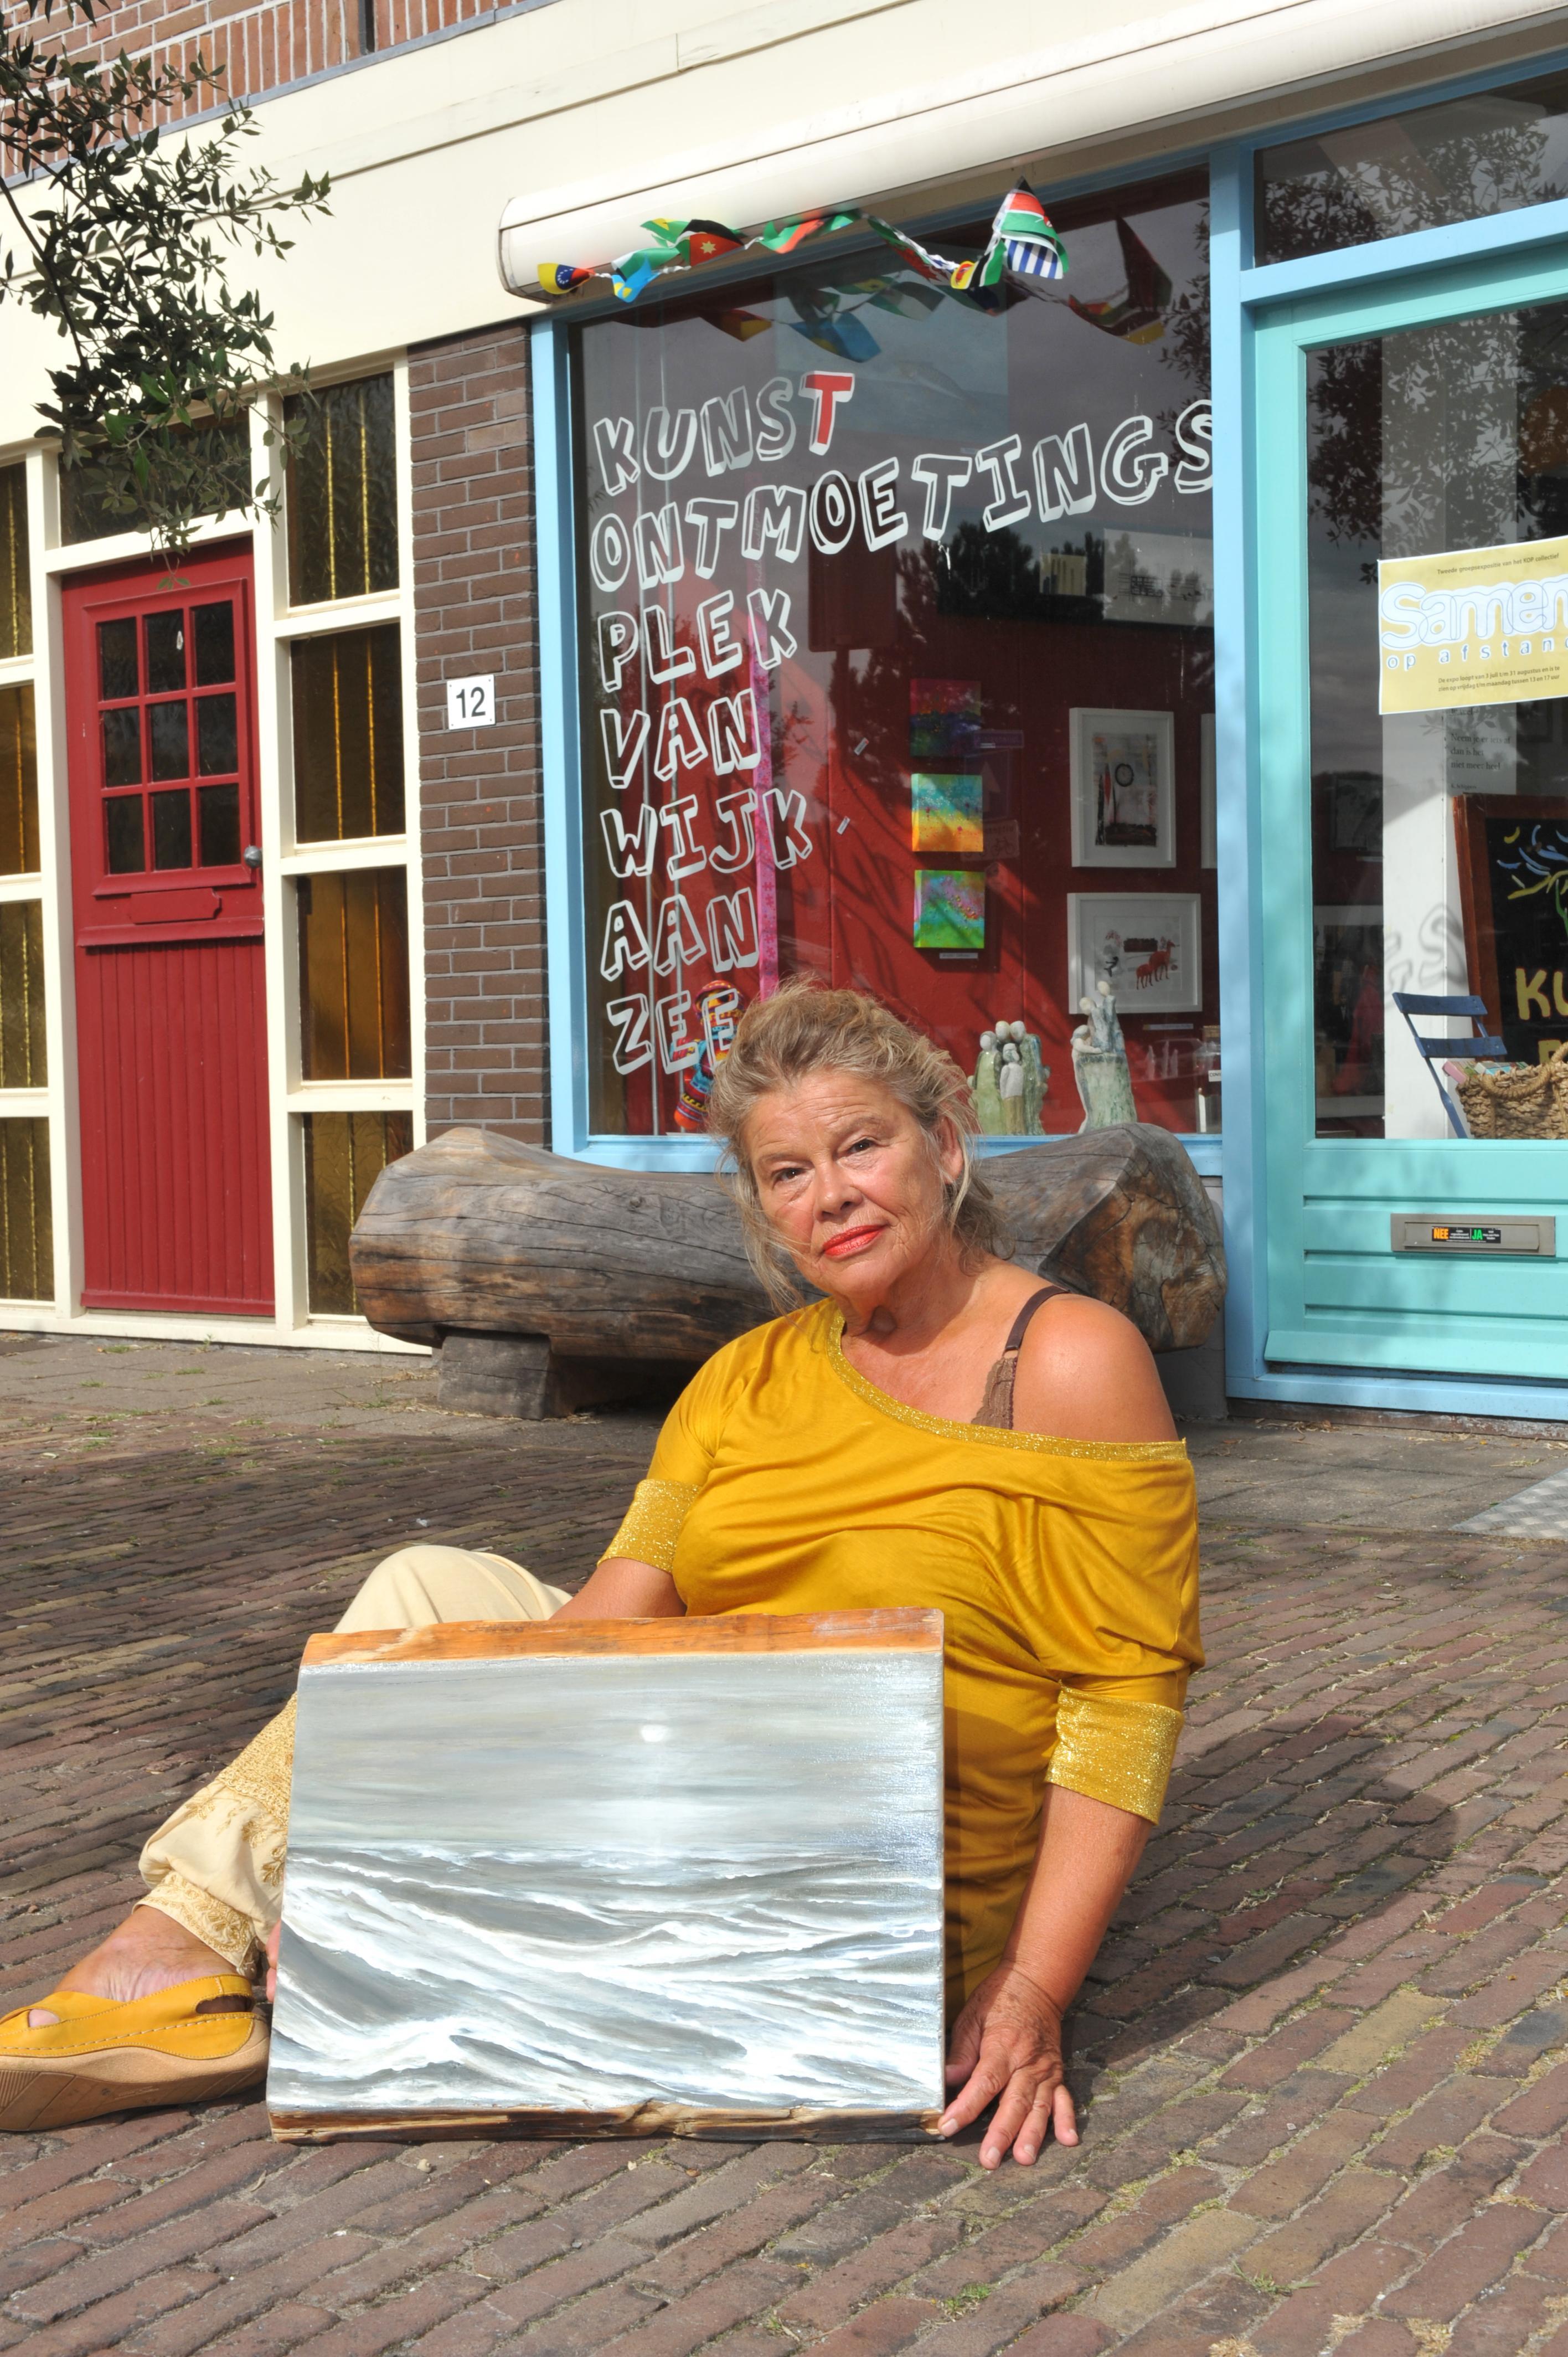 'Zomerstilte' bij dé plek voor kunstontmoeting in Wijk aan Zee. Tekenaar Rien Doorn: 'Mensen op het verkeerde been zetten, dat mag ik ook graag doen'